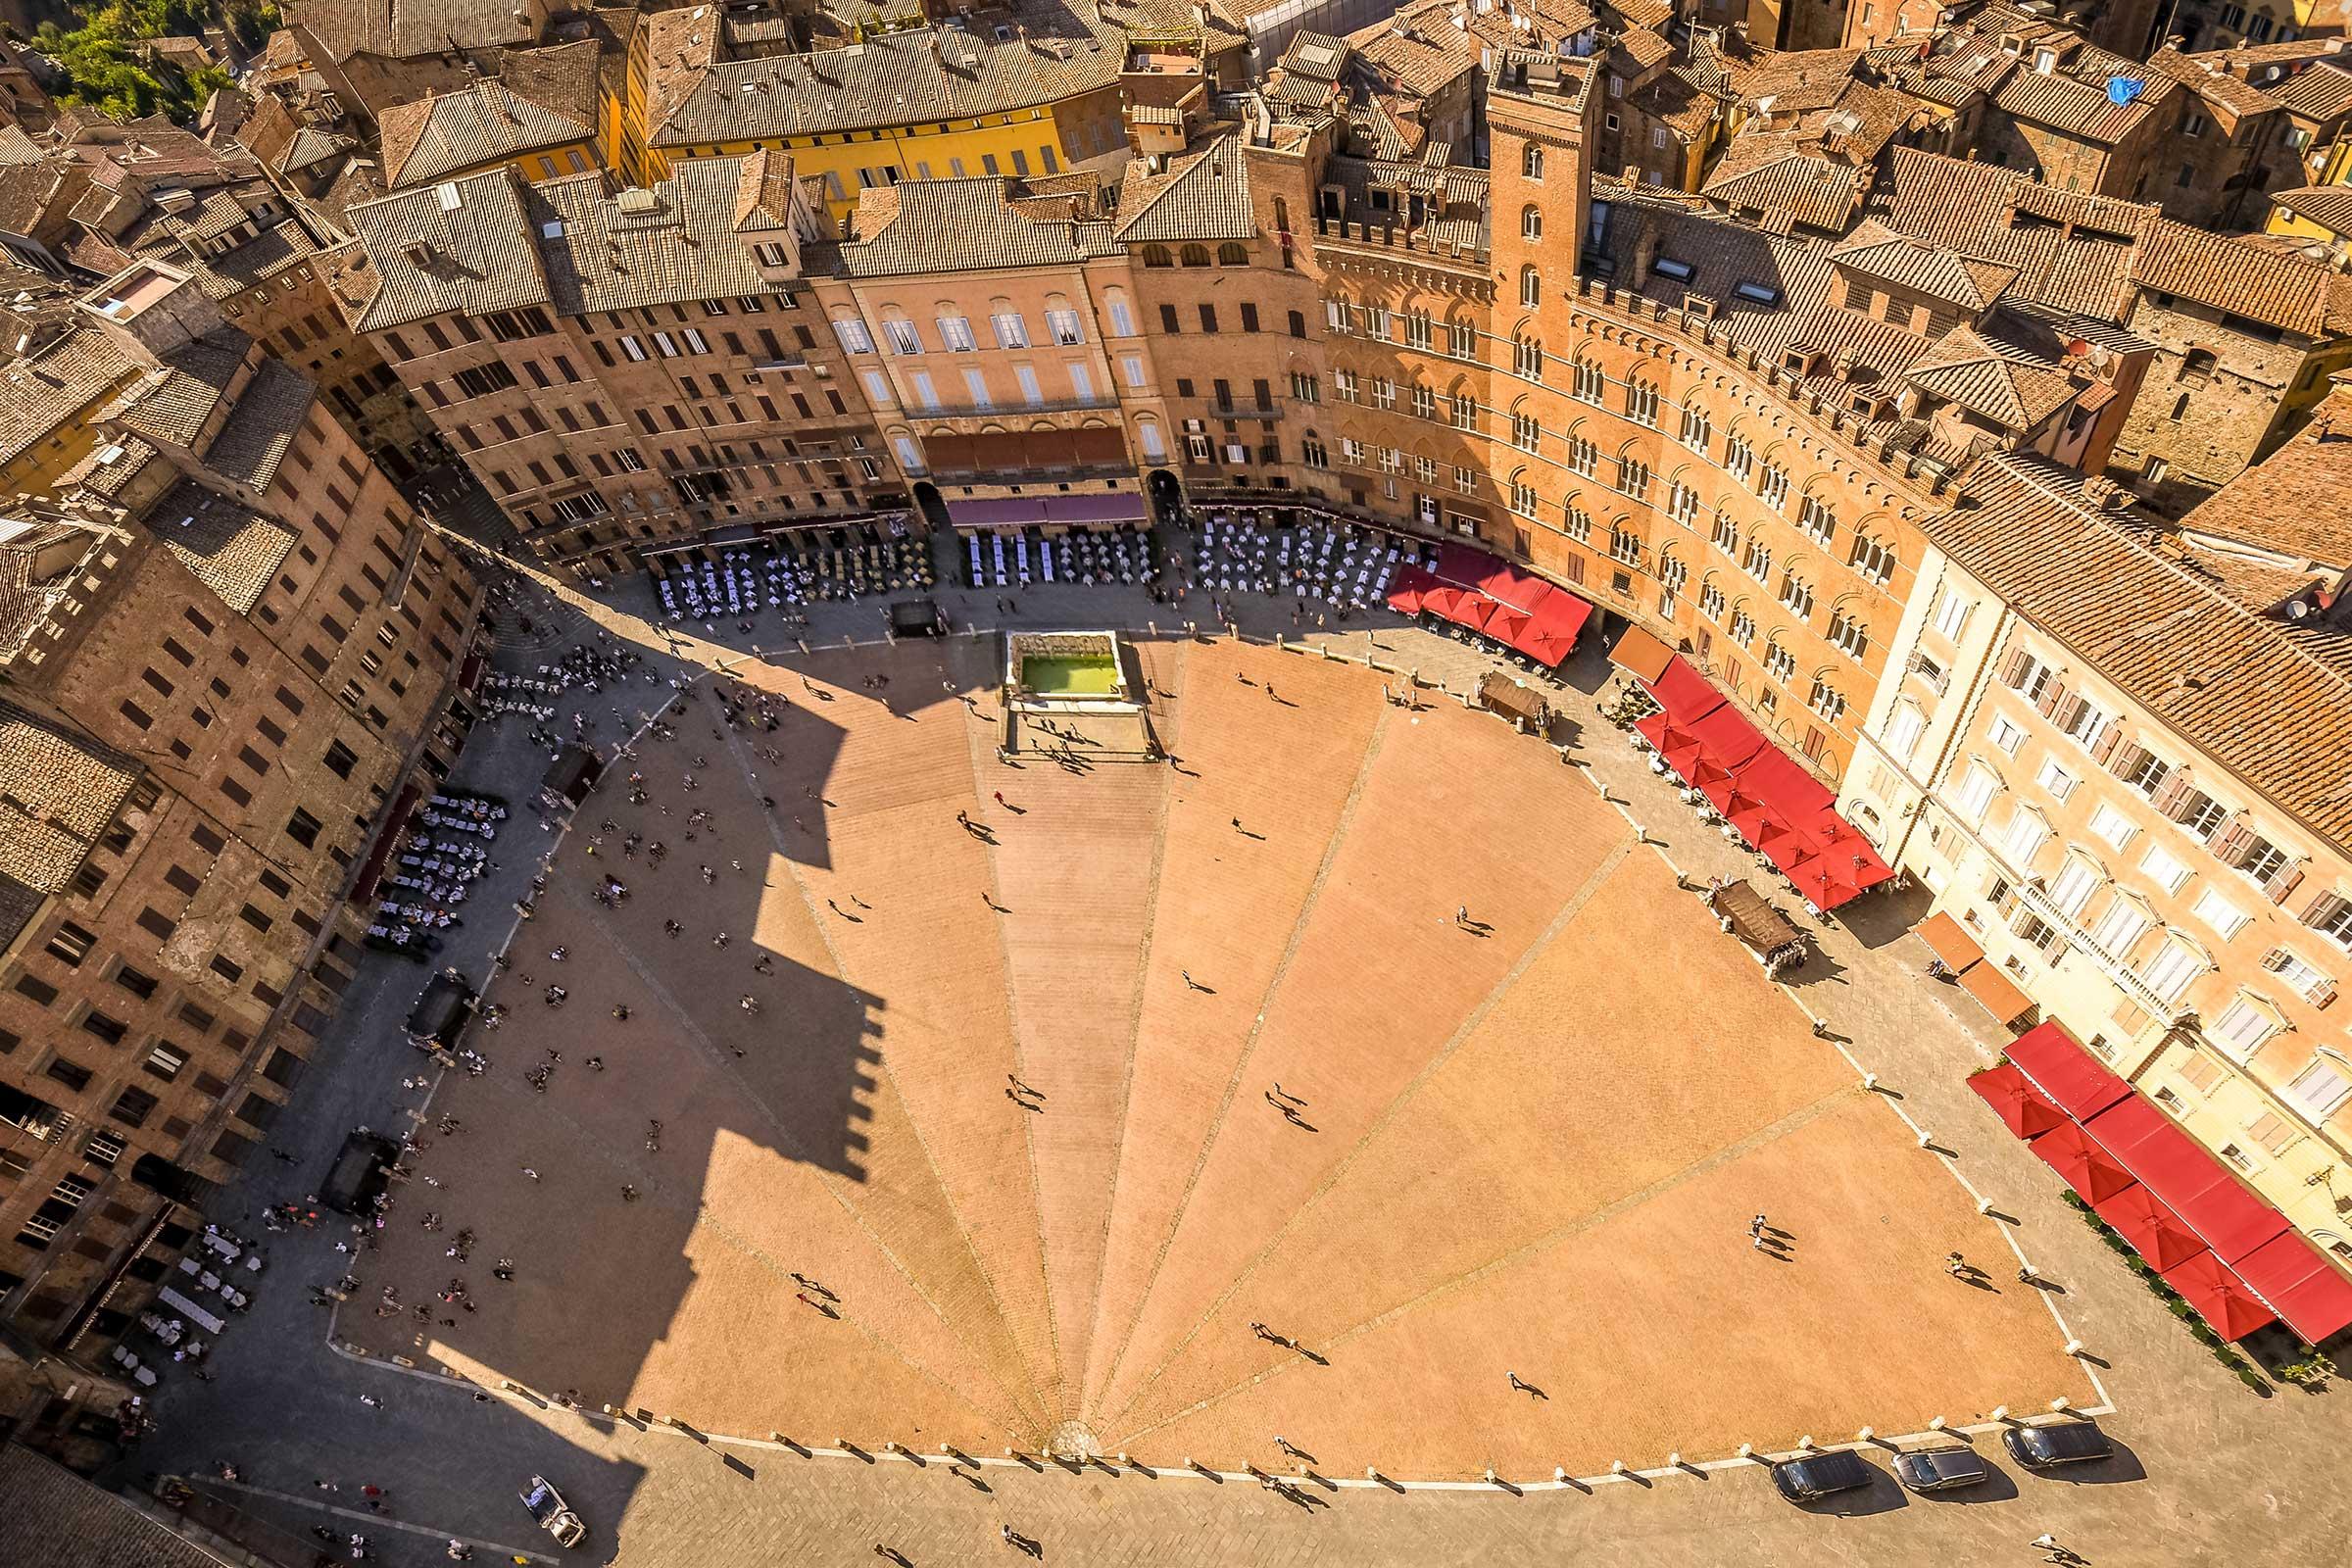 Vacanze a Siena, storia, arte e cultura, cosa vedere